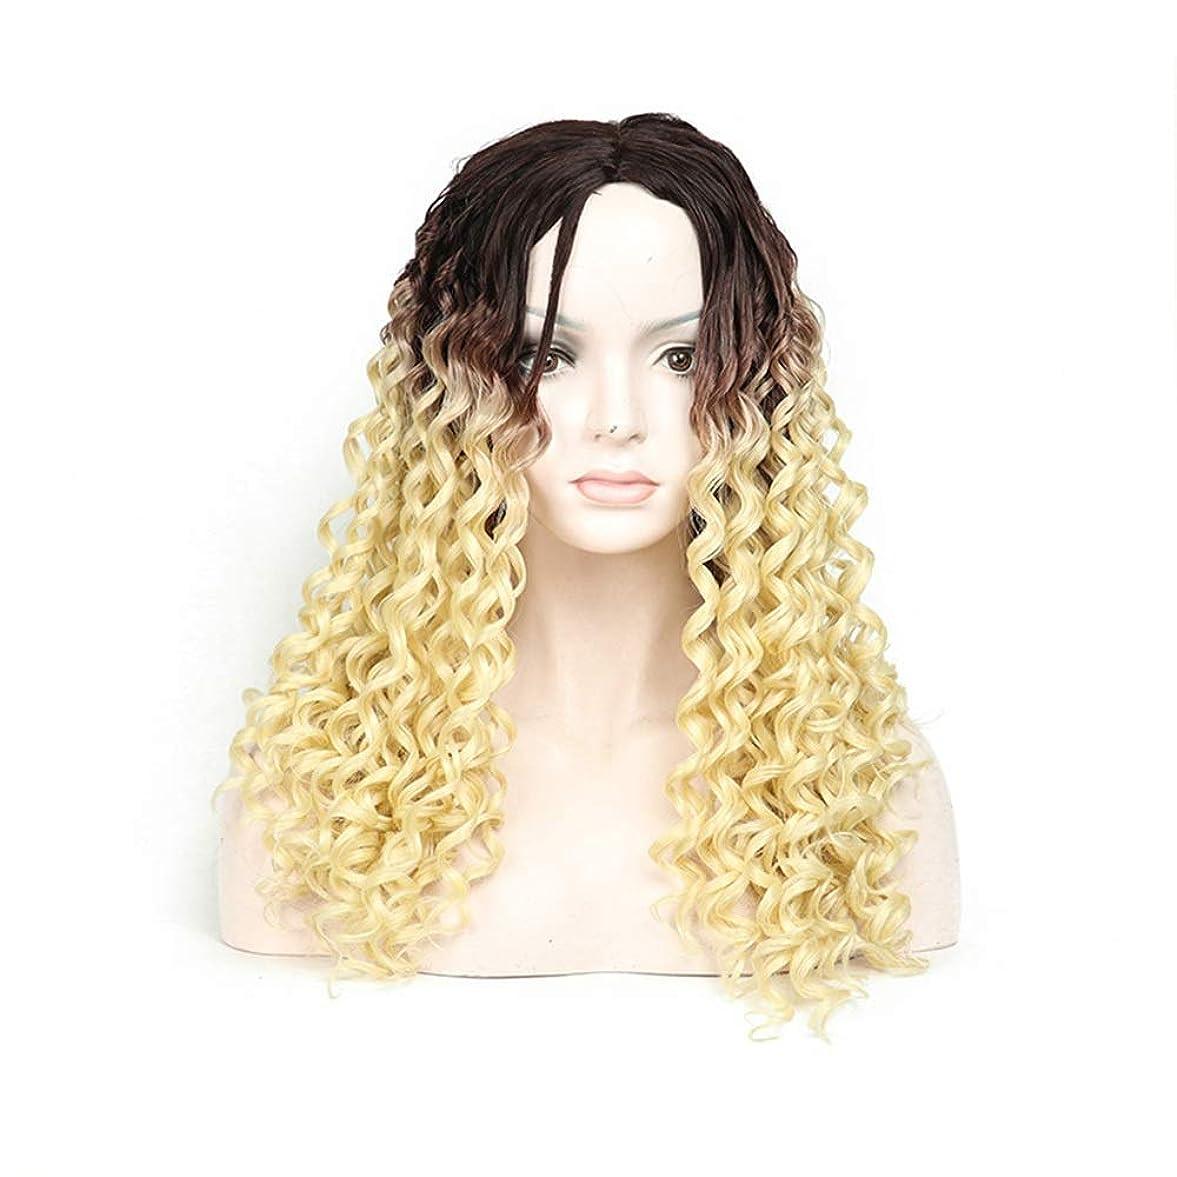 必要提出する引き算Yrattary 613#美容女性のファッション黒のグラデーションブロンドの髪の長い巻き毛のかつら毎日のドレスパーティーのかつら (Color : Blonde)